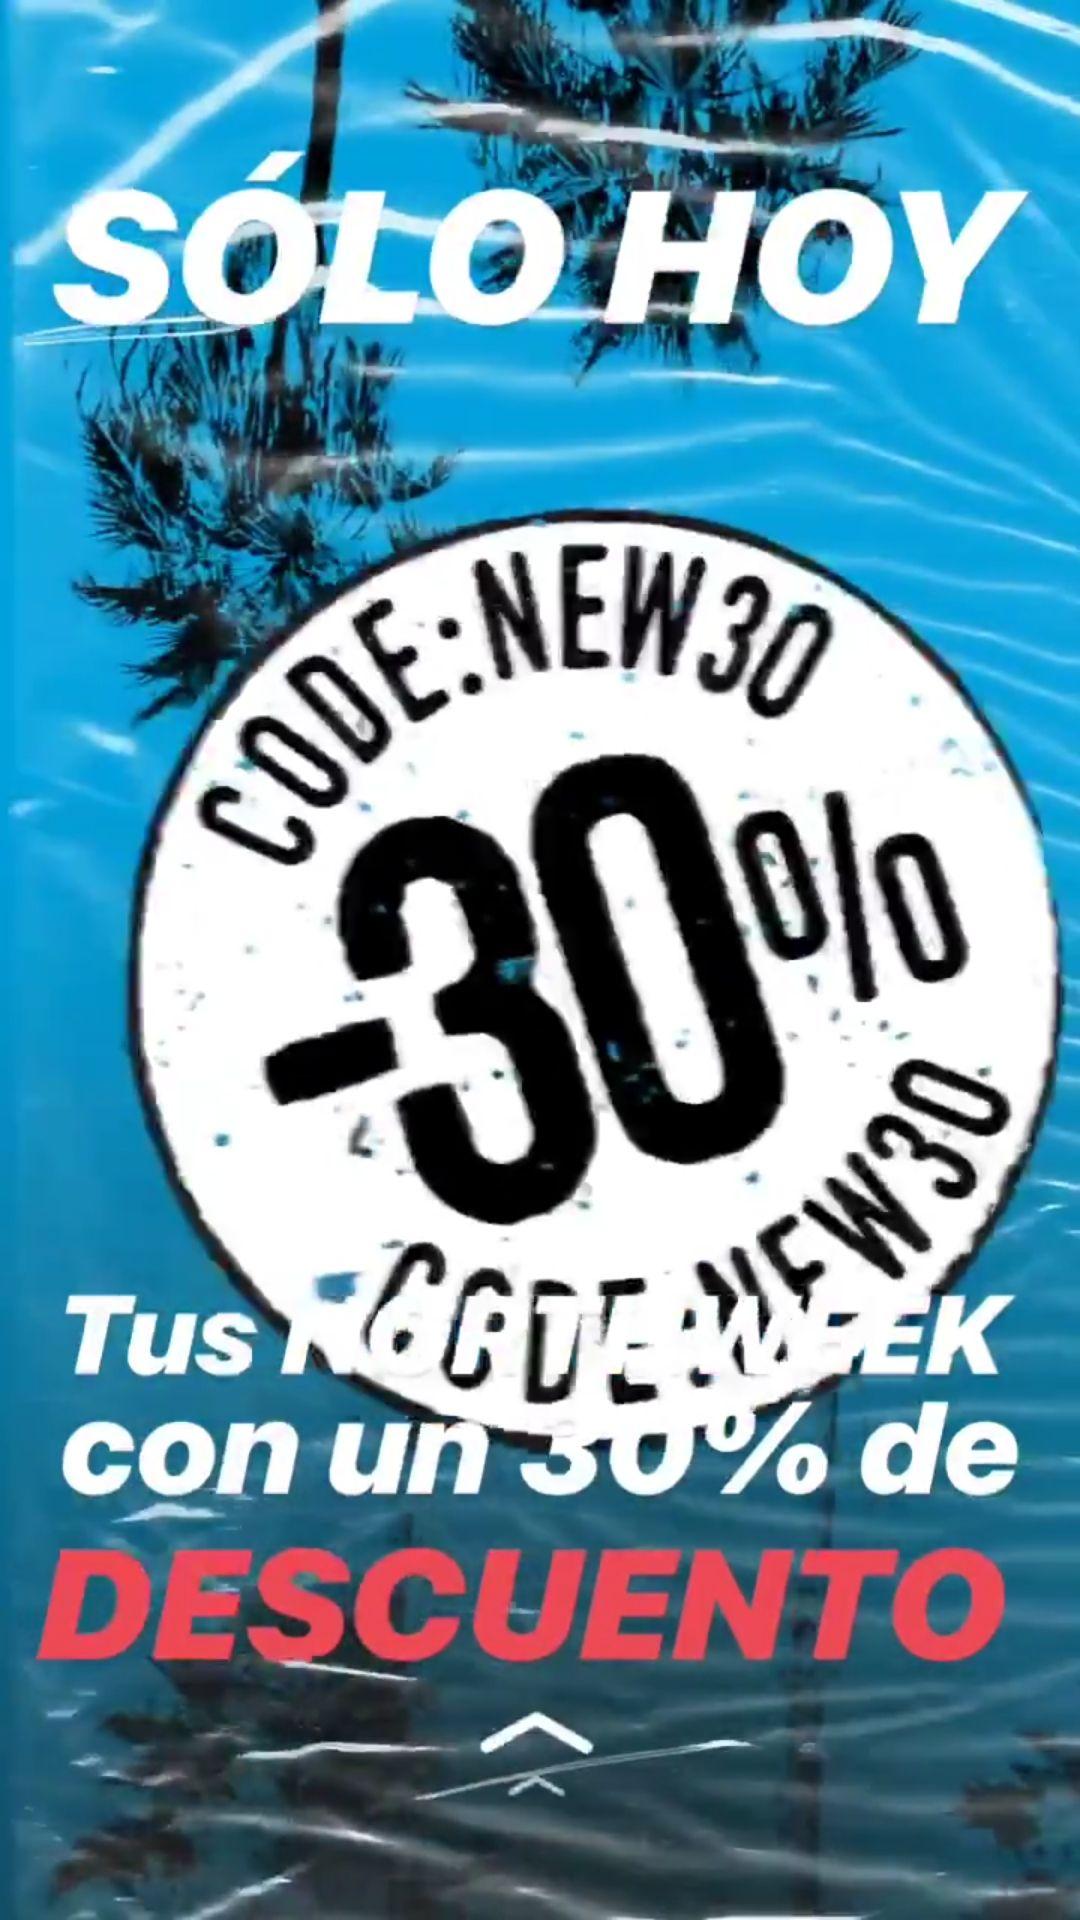 30% de descuento en gafas NORTHWEEK